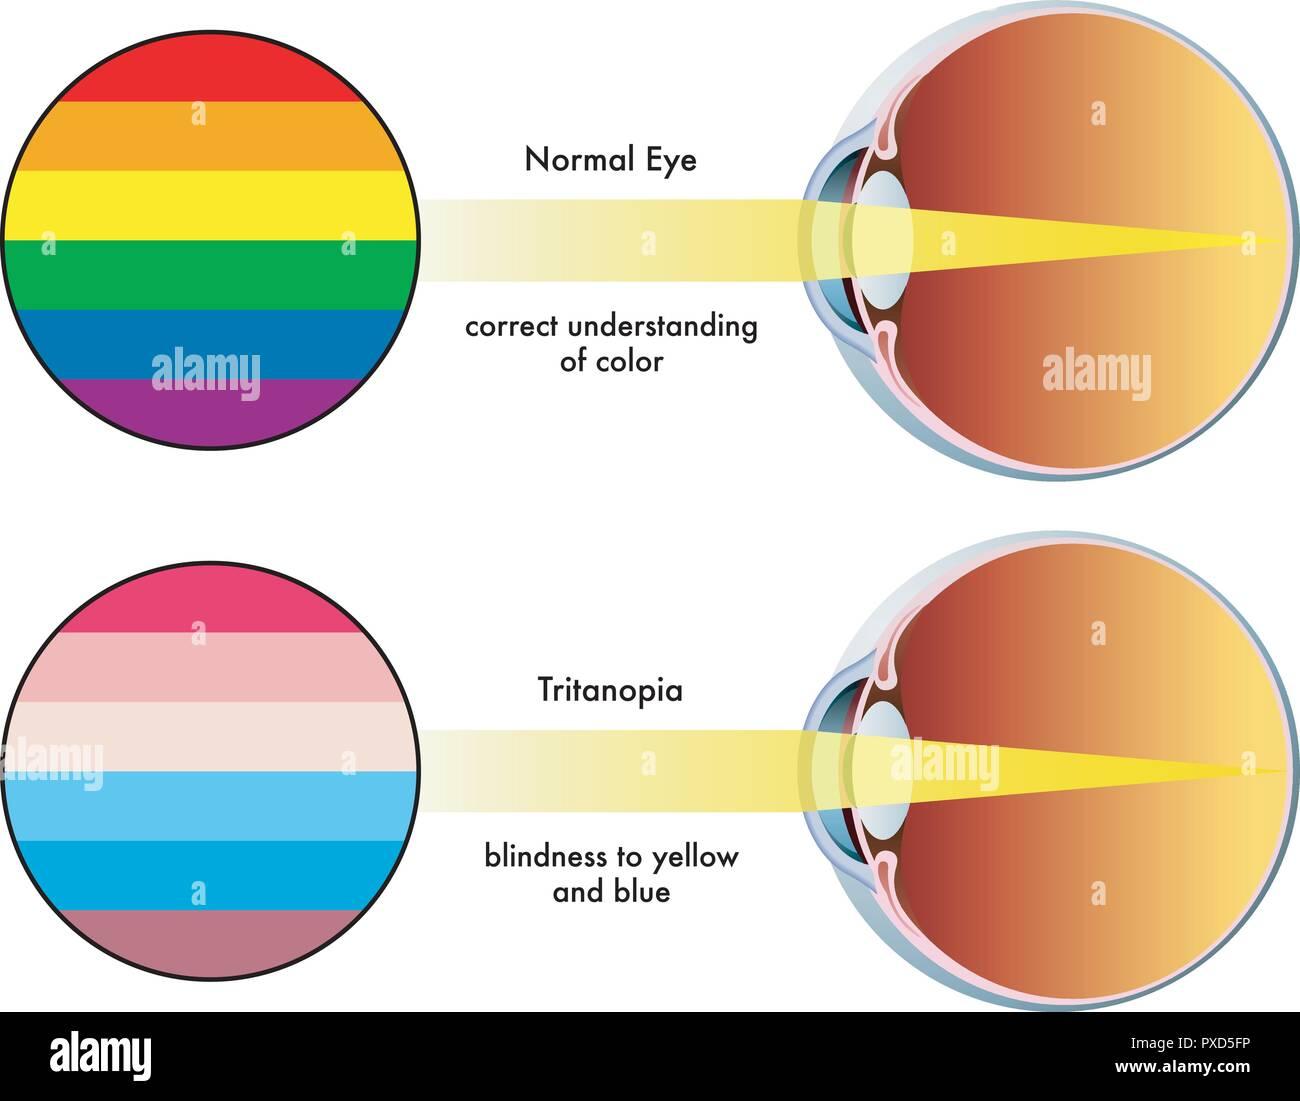 color blind eye diagram wiring diagram bookmark eye diagram coloring page eye diagram color #5